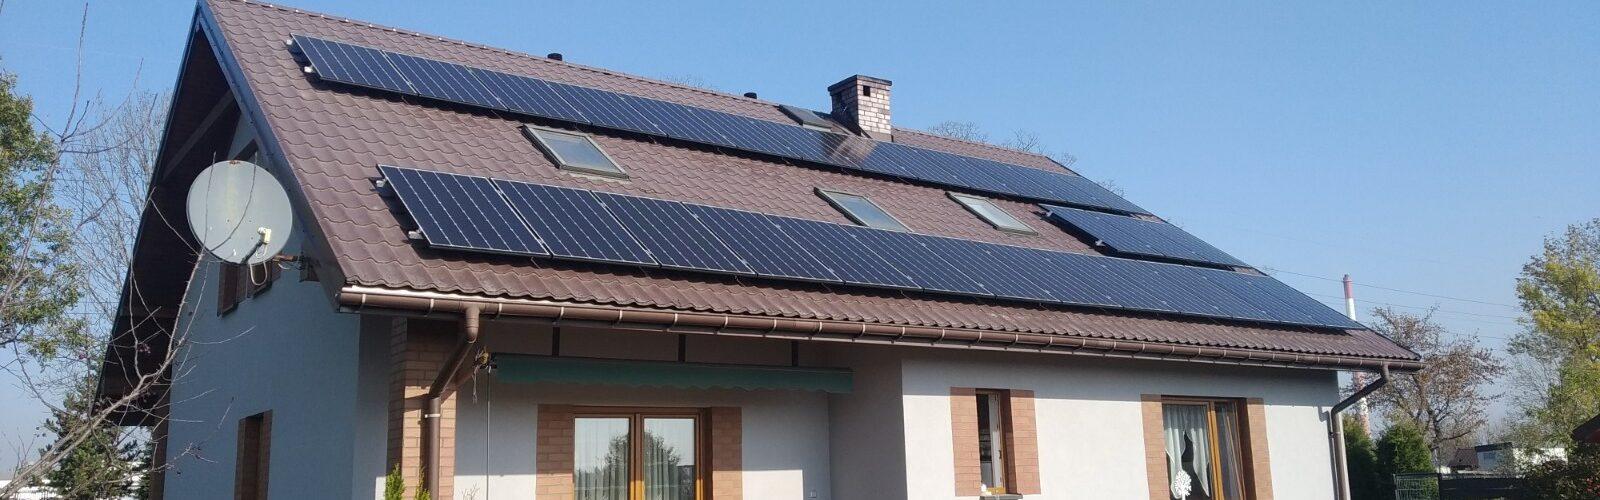 Instalacja PV 9,9 kW Bieruń